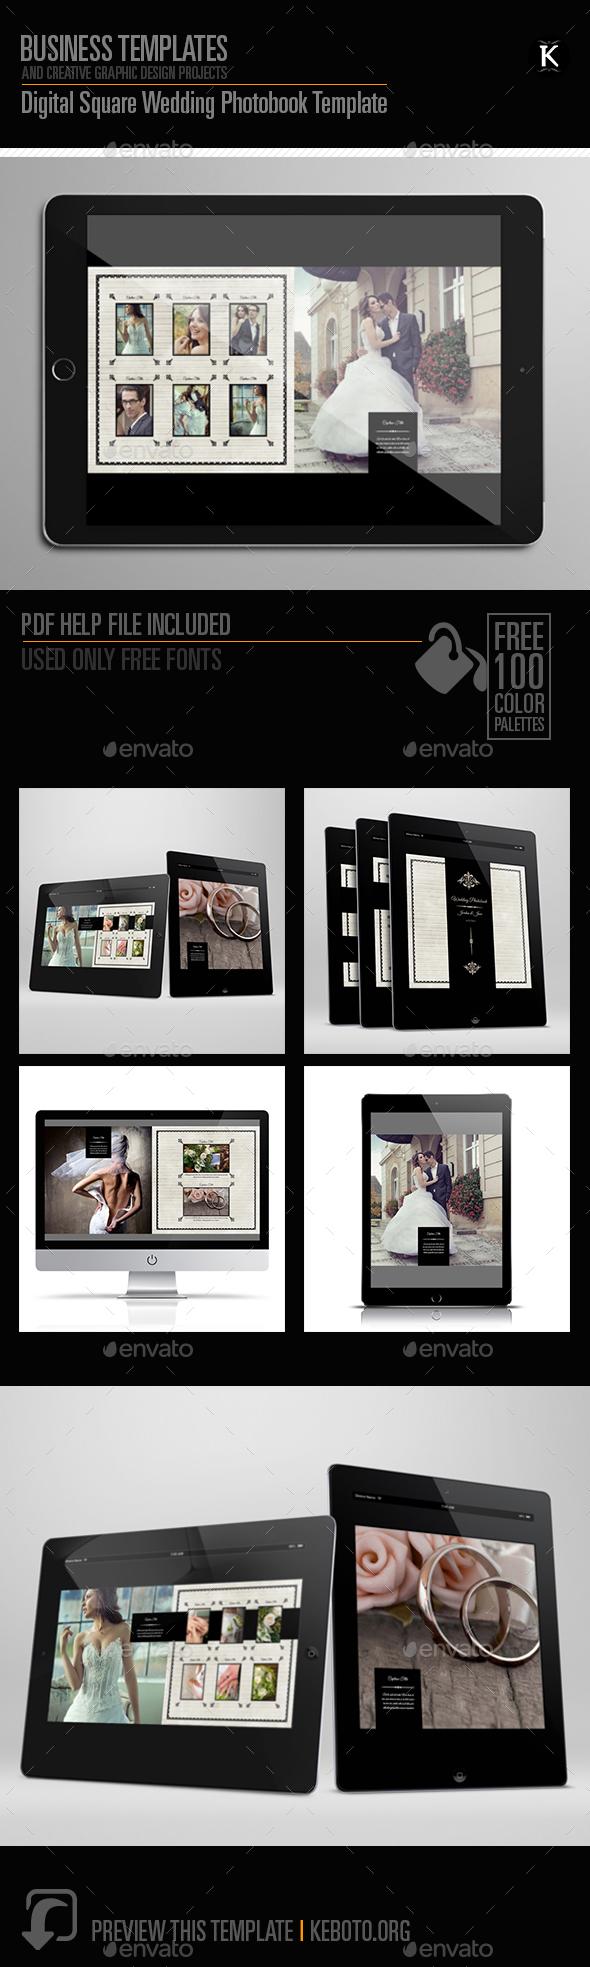 Digital Square Wedding Photobook Template - ePublishing